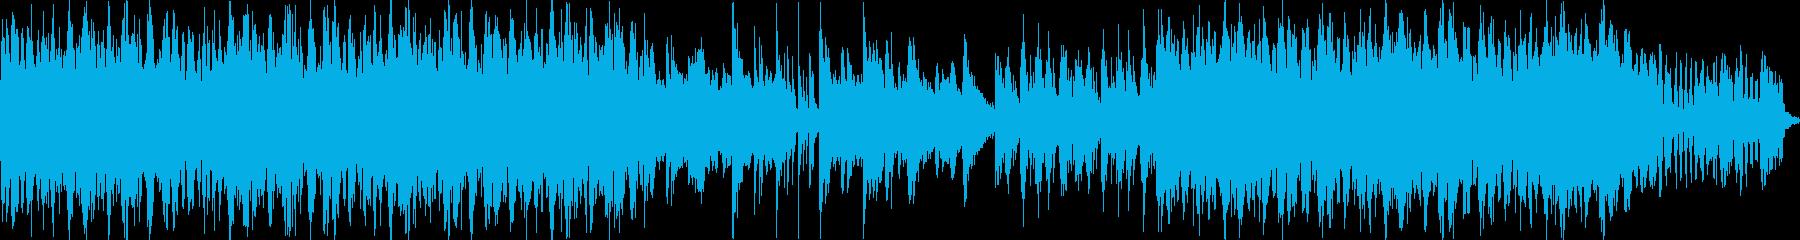 ゲーム、ステージクリア後のBGM。の再生済みの波形